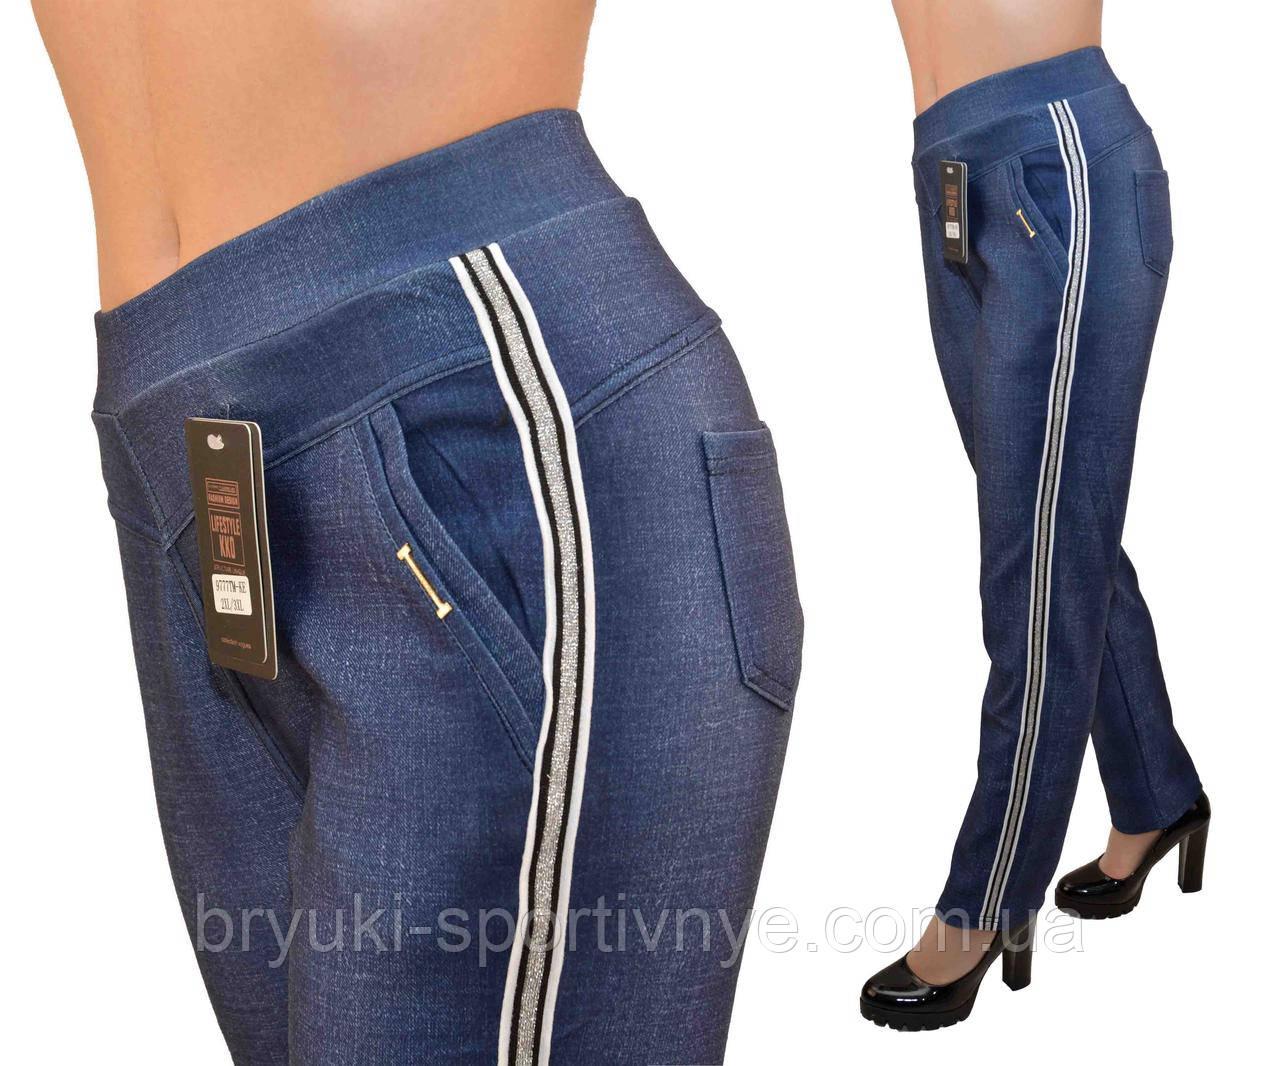 Брюки - лосины женские под тертый джинс с серебристой лампасой 2XL - 6XL